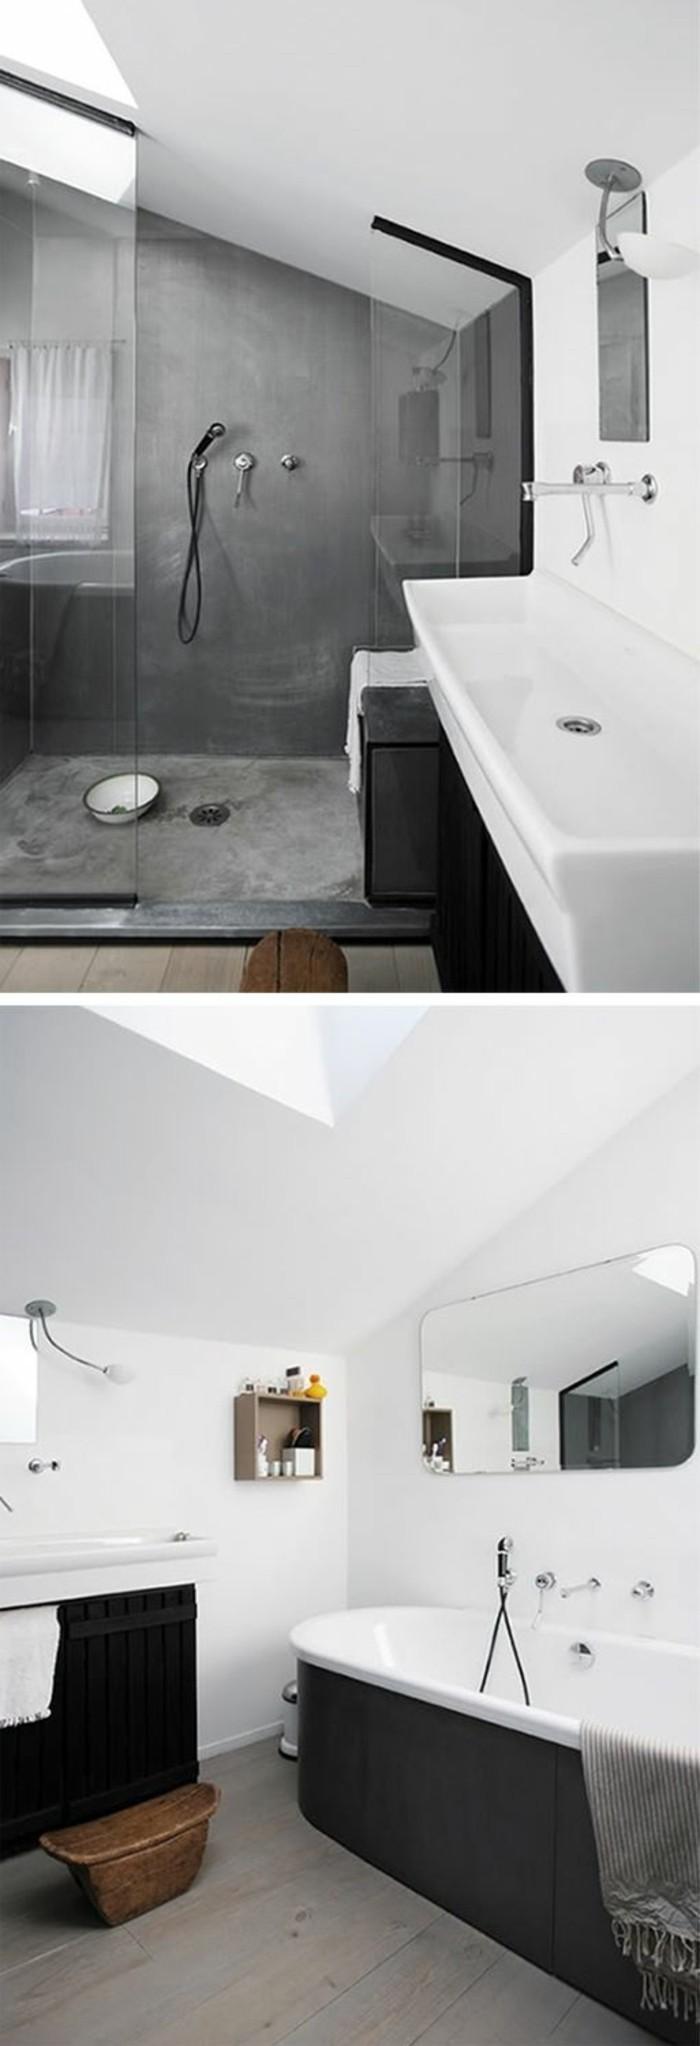 la salle de bain noir et blanc les derni232res tendances